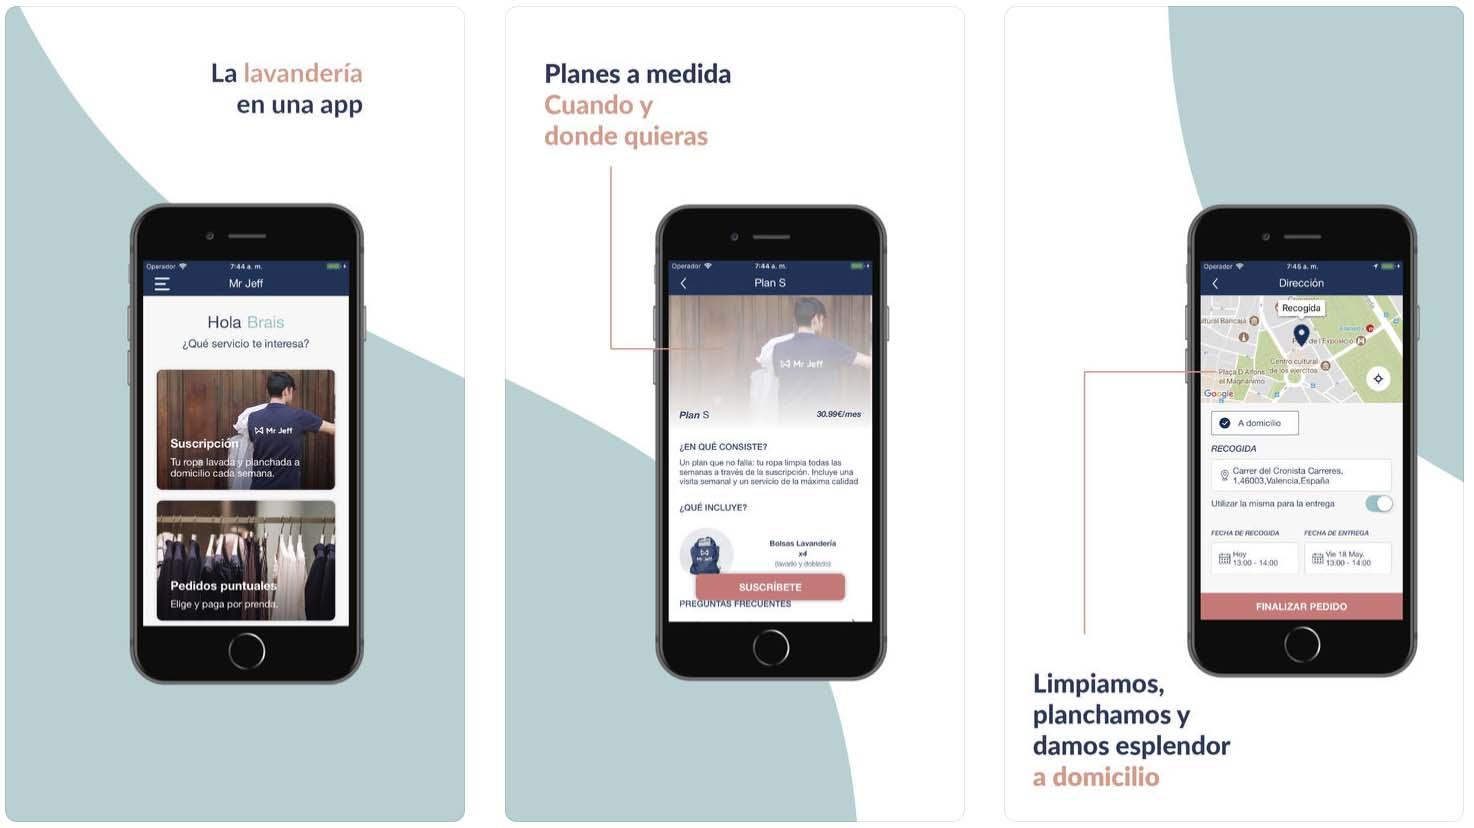 Telas do aplicativo Mr Jeff  - mrjeff - Os melhores apps da semana para iPad e iPhone